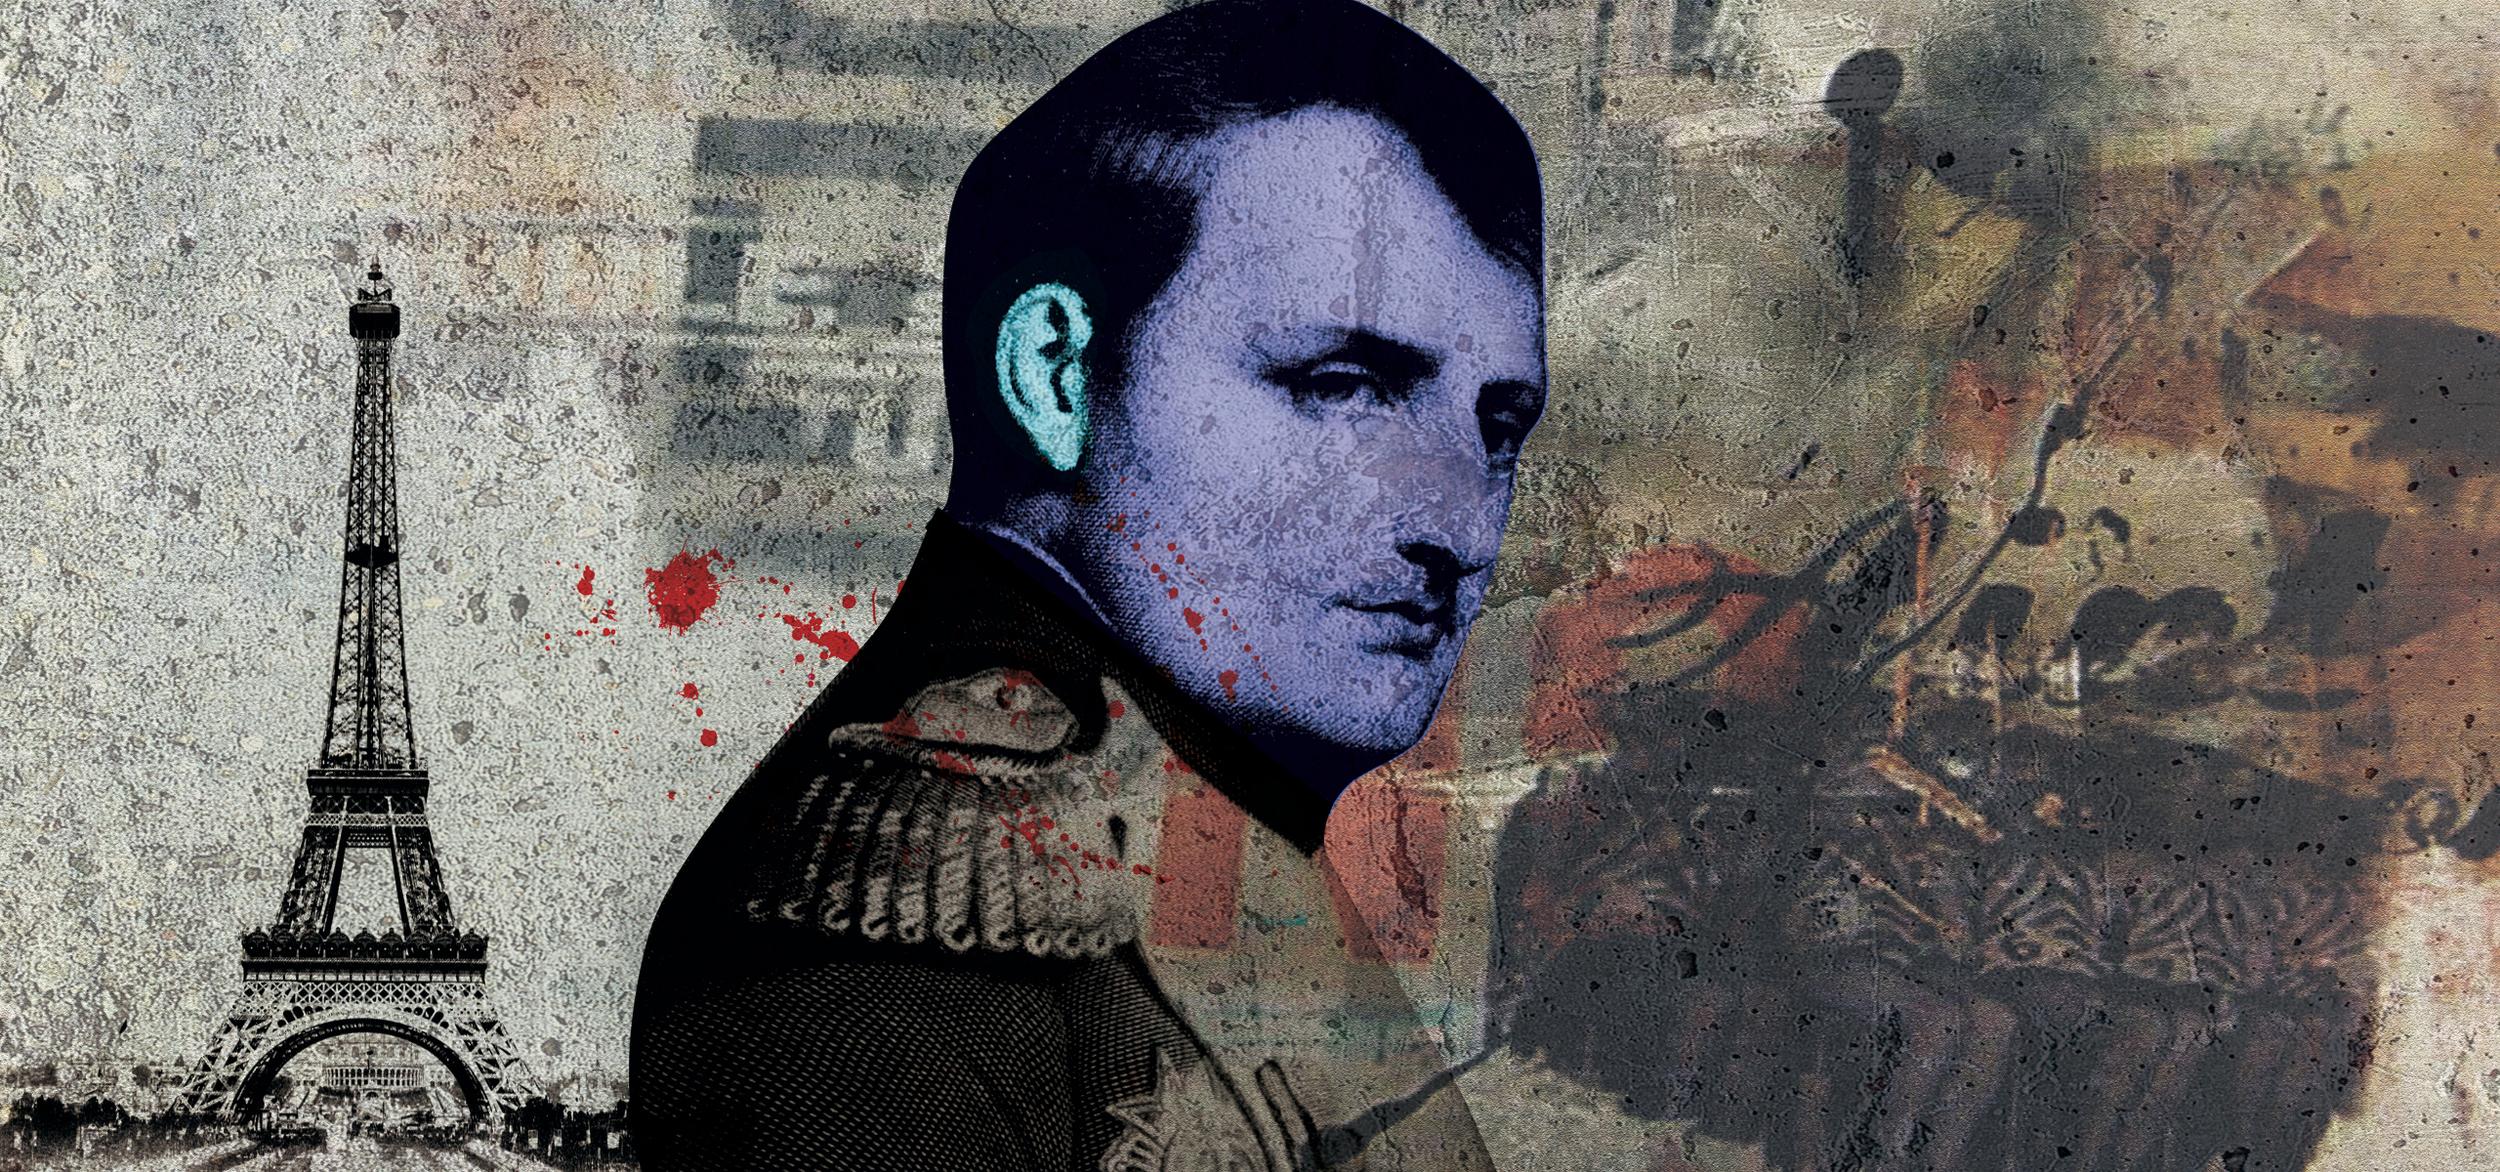 Lo stupido parla del passato.   Il saggio parla del presente, il folle del futuro.  (Napoleone Bonaparte)